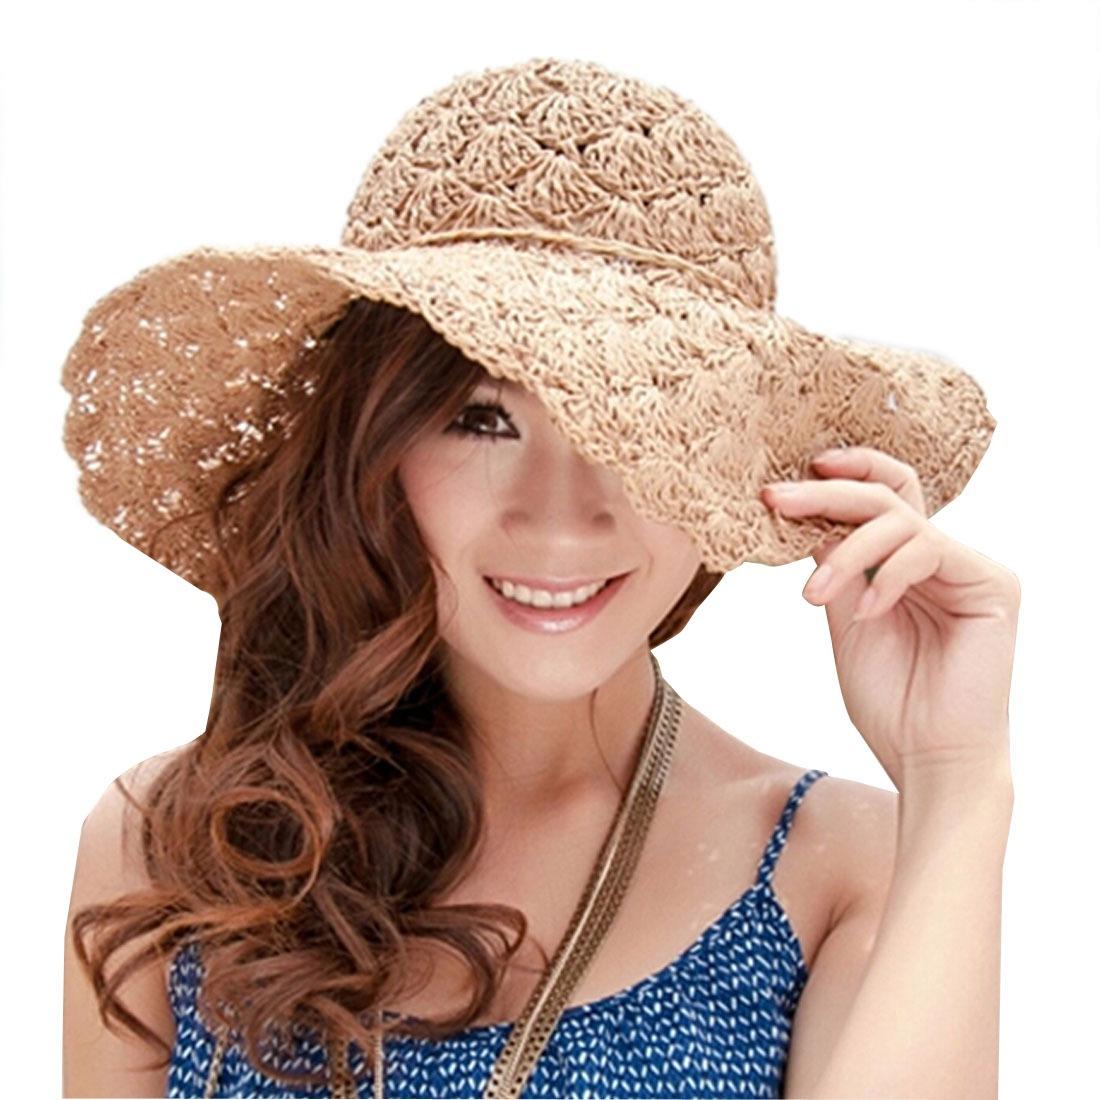 Women'S Summer Visor Cap Folding Handmade Straw Hat Hollow Out Flower Beach Cap